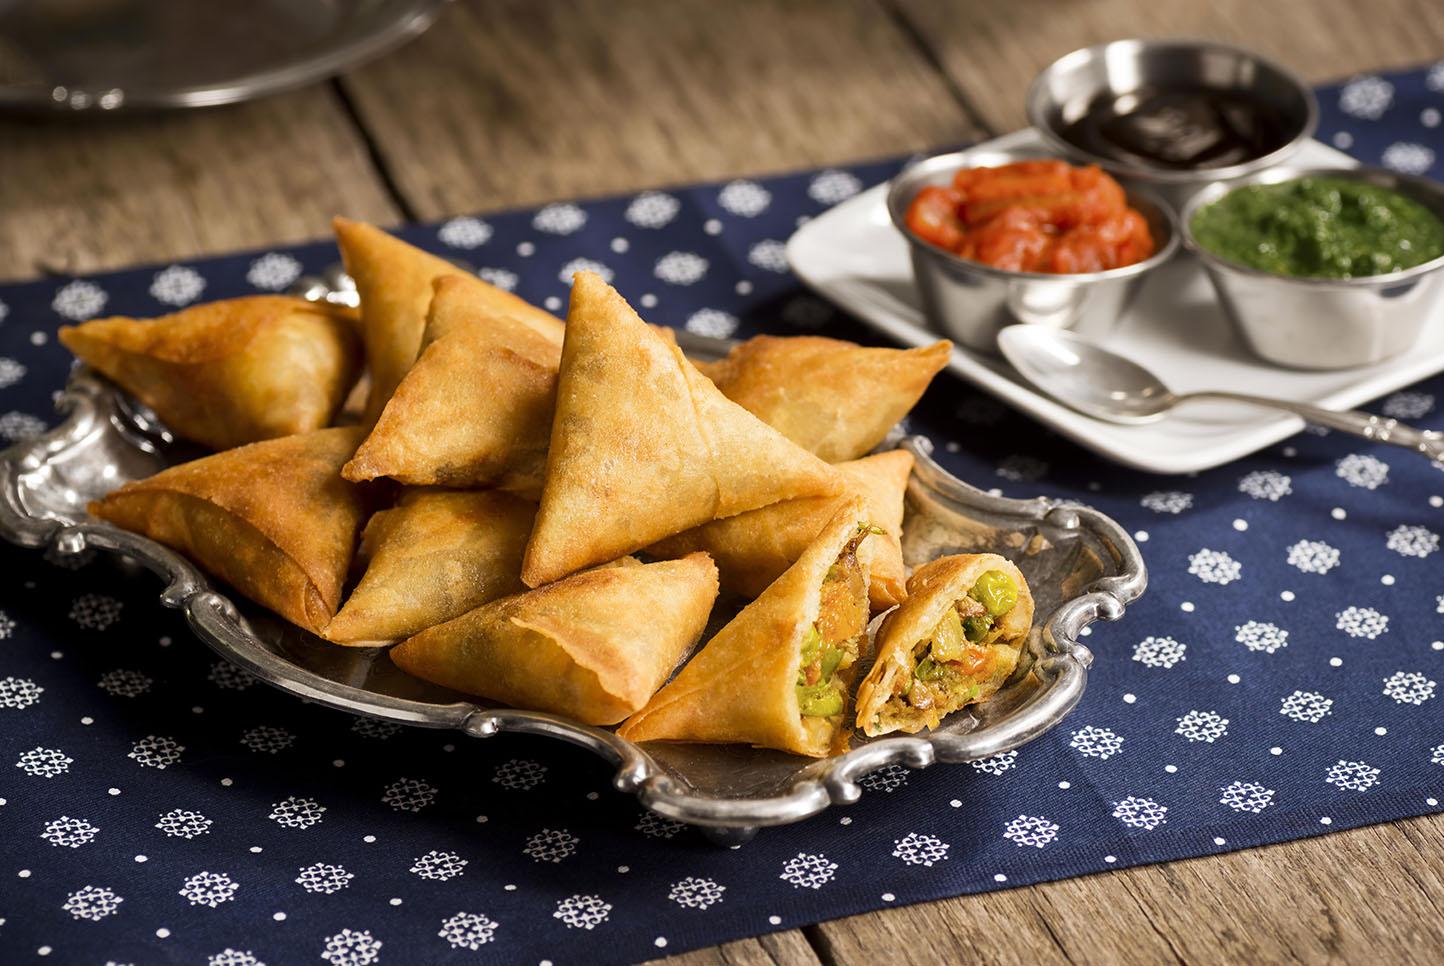 Samoussa samosa sambos samossas brik empadinha empada folhado frito salsa acompanhamento entrada petisco comida molhos